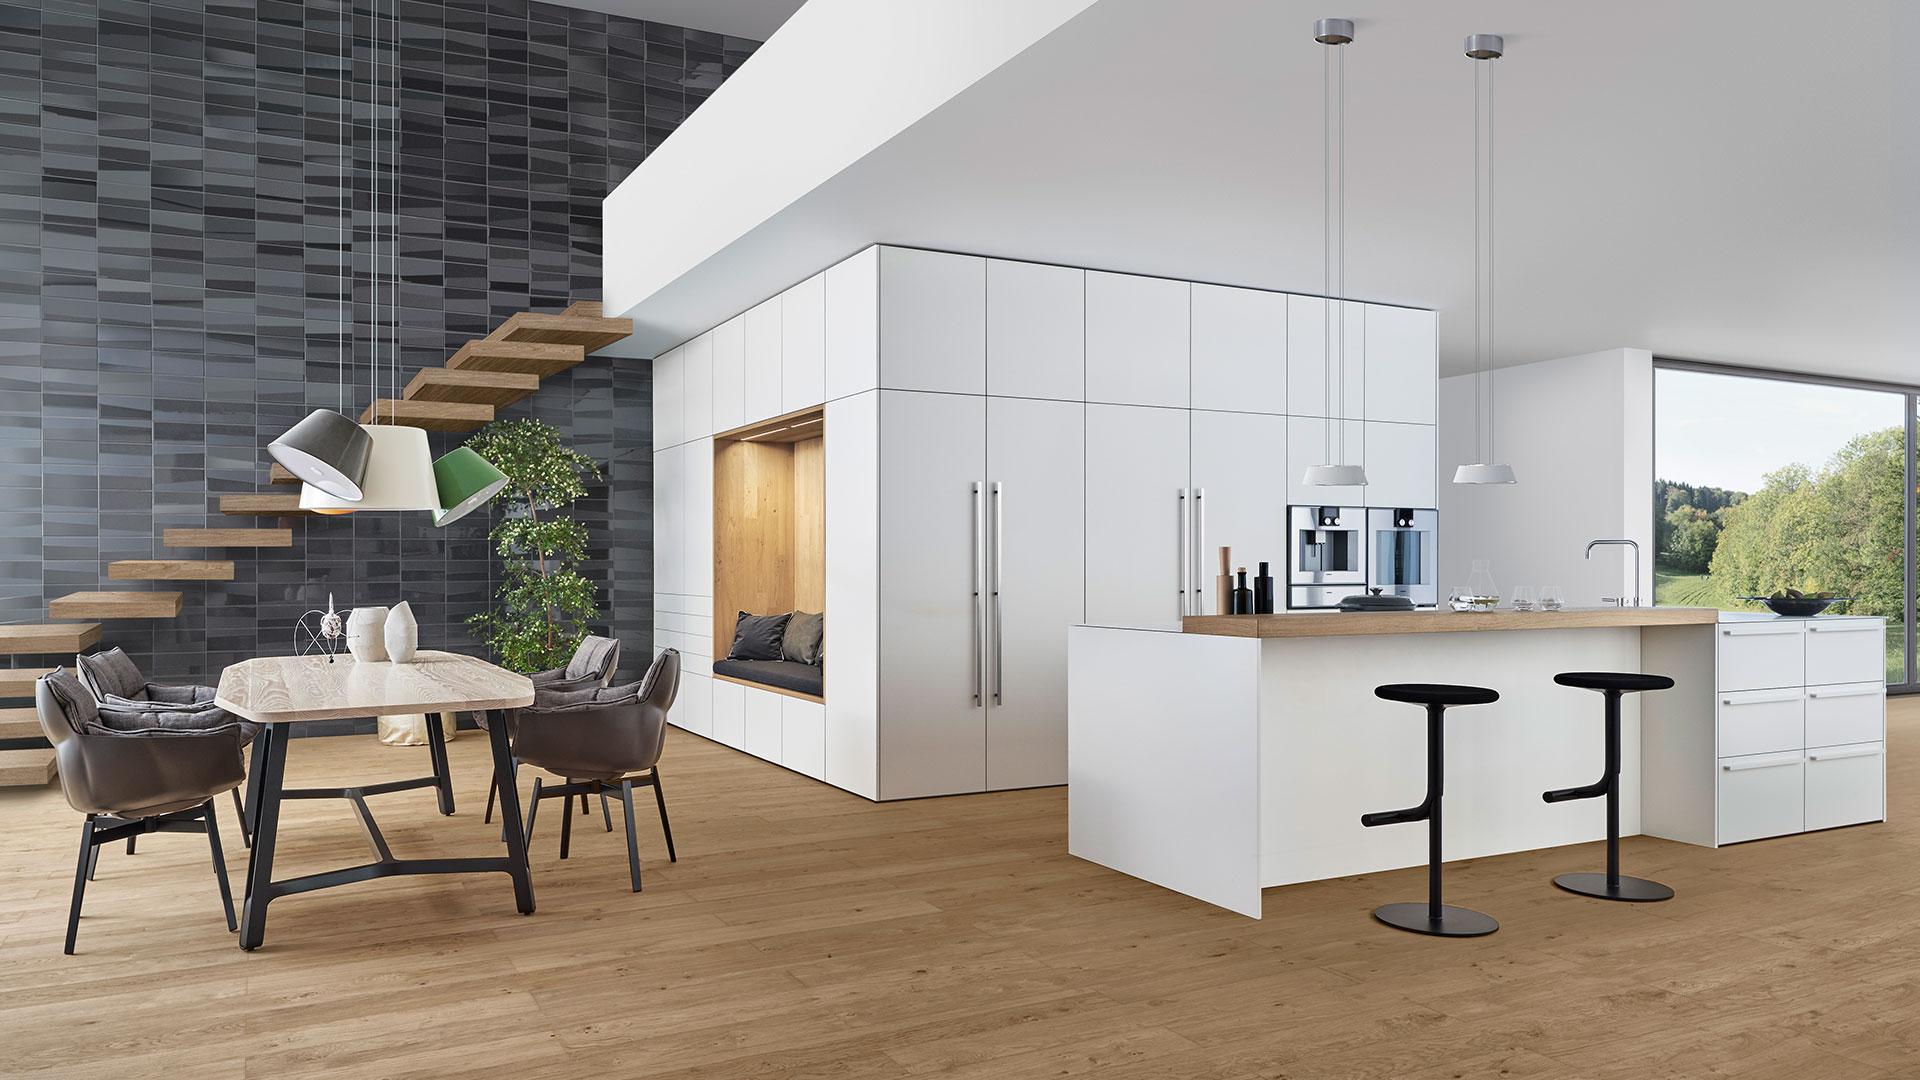 ihr partner f r die einbauk che und ein perfektes wohnkonzept stefan steeg die k che. Black Bedroom Furniture Sets. Home Design Ideas